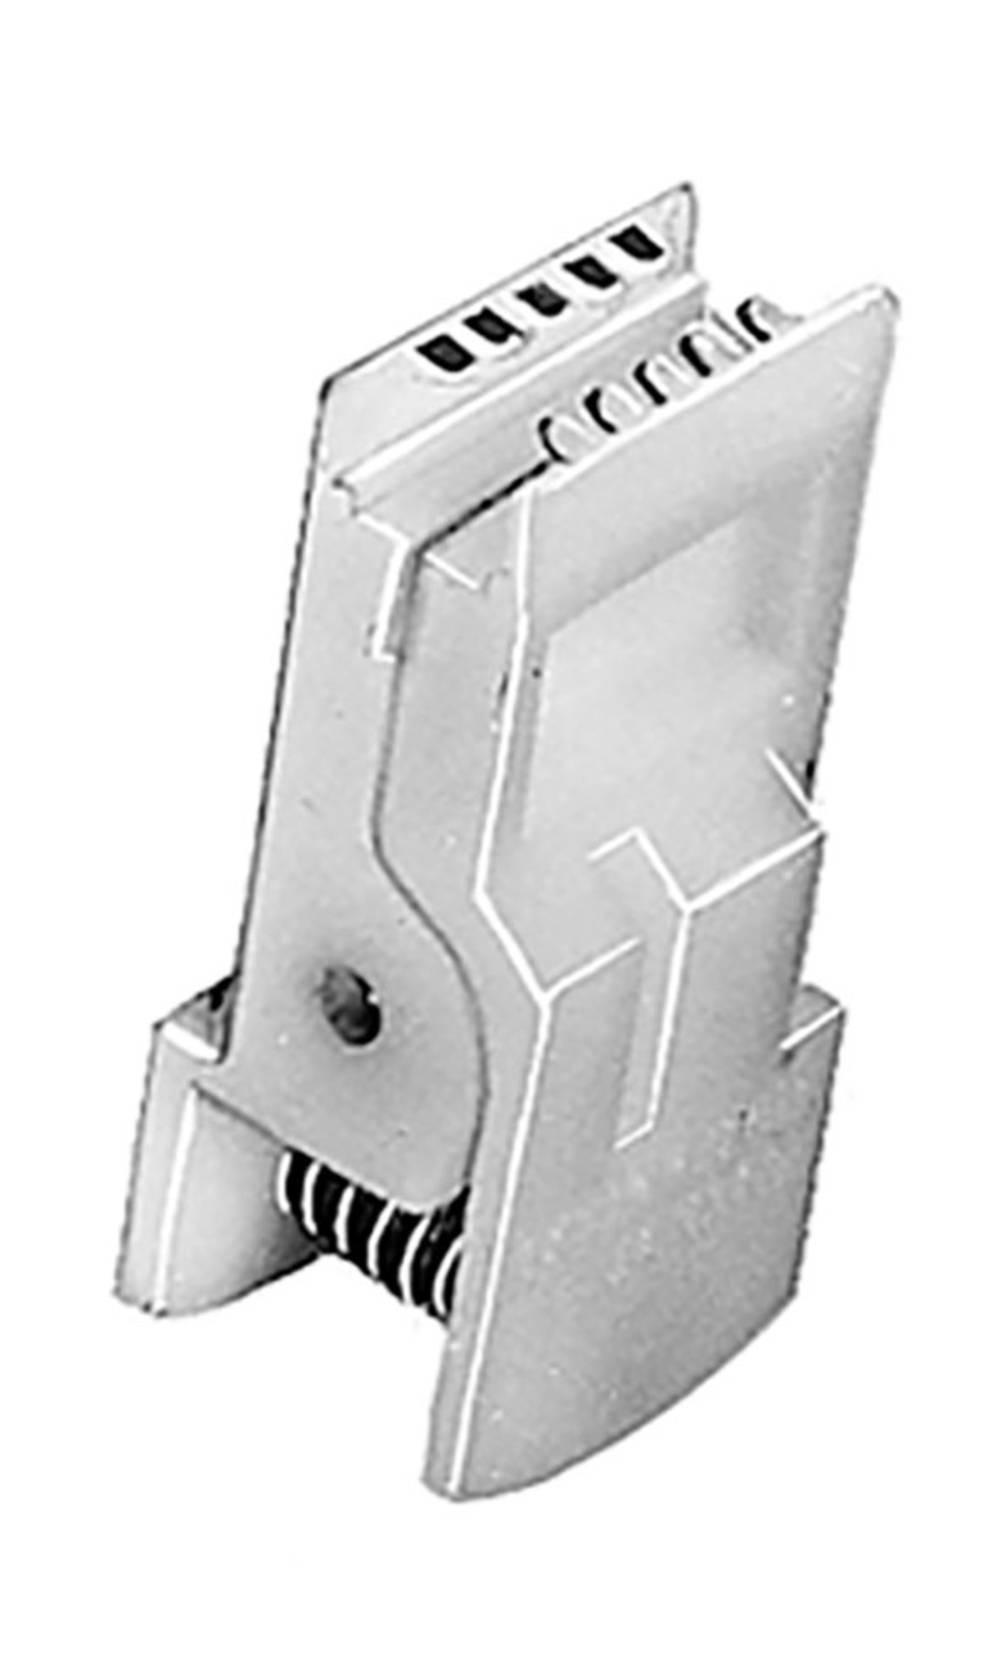 IC-indsætningshjælp 1 stk MIC 03 Fischer Elektronik Passer til rastermønster: 7.62 mm Passende til kabinet (halvleder): DIL , DI